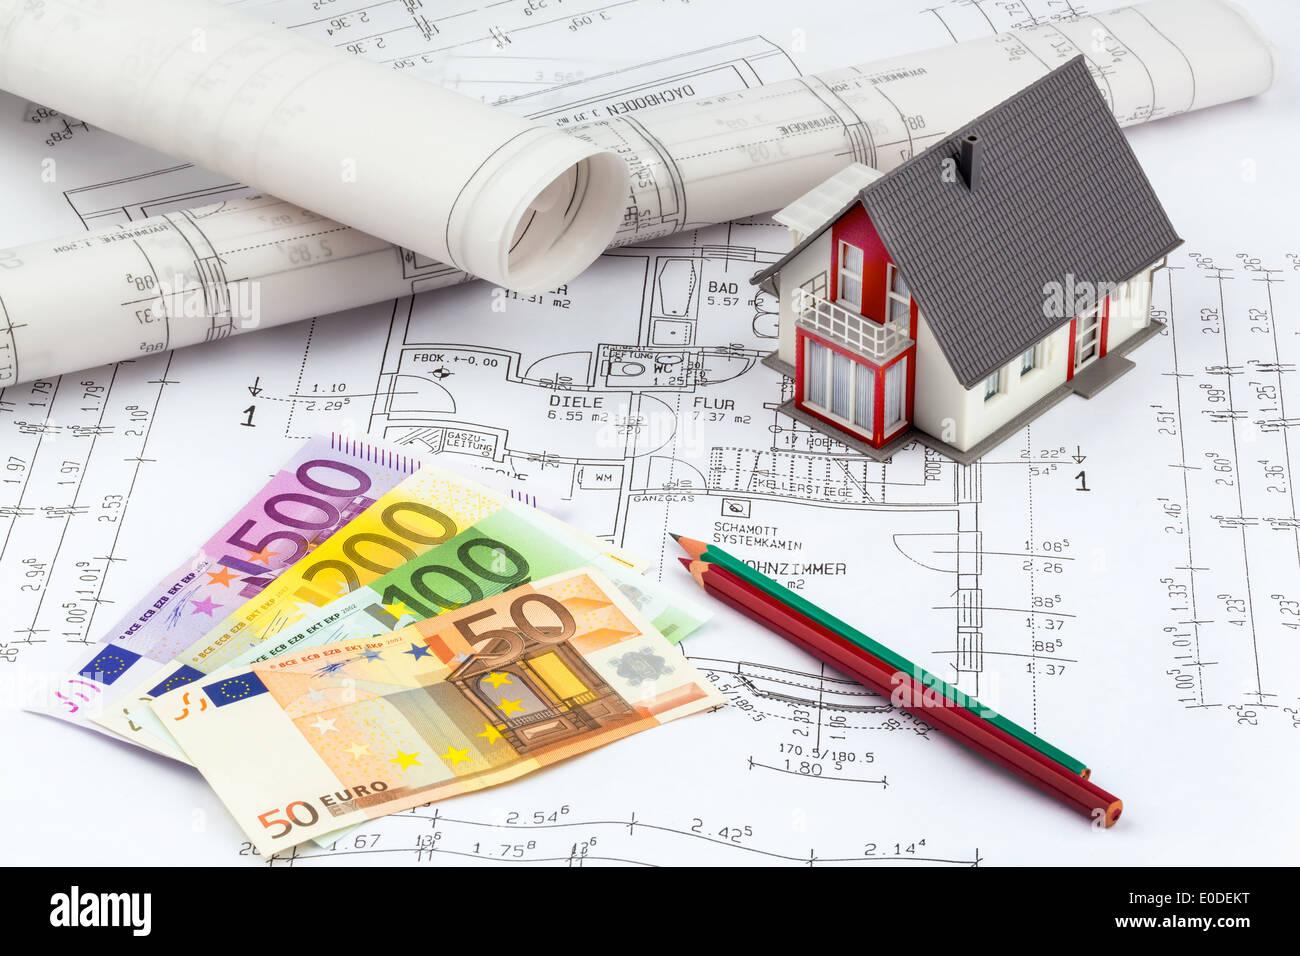 Banknoten Der Euro Währung Liegen Auf Einen Hausplan, Geldscheine Von Euro  Waehrung Stück Auf Einem